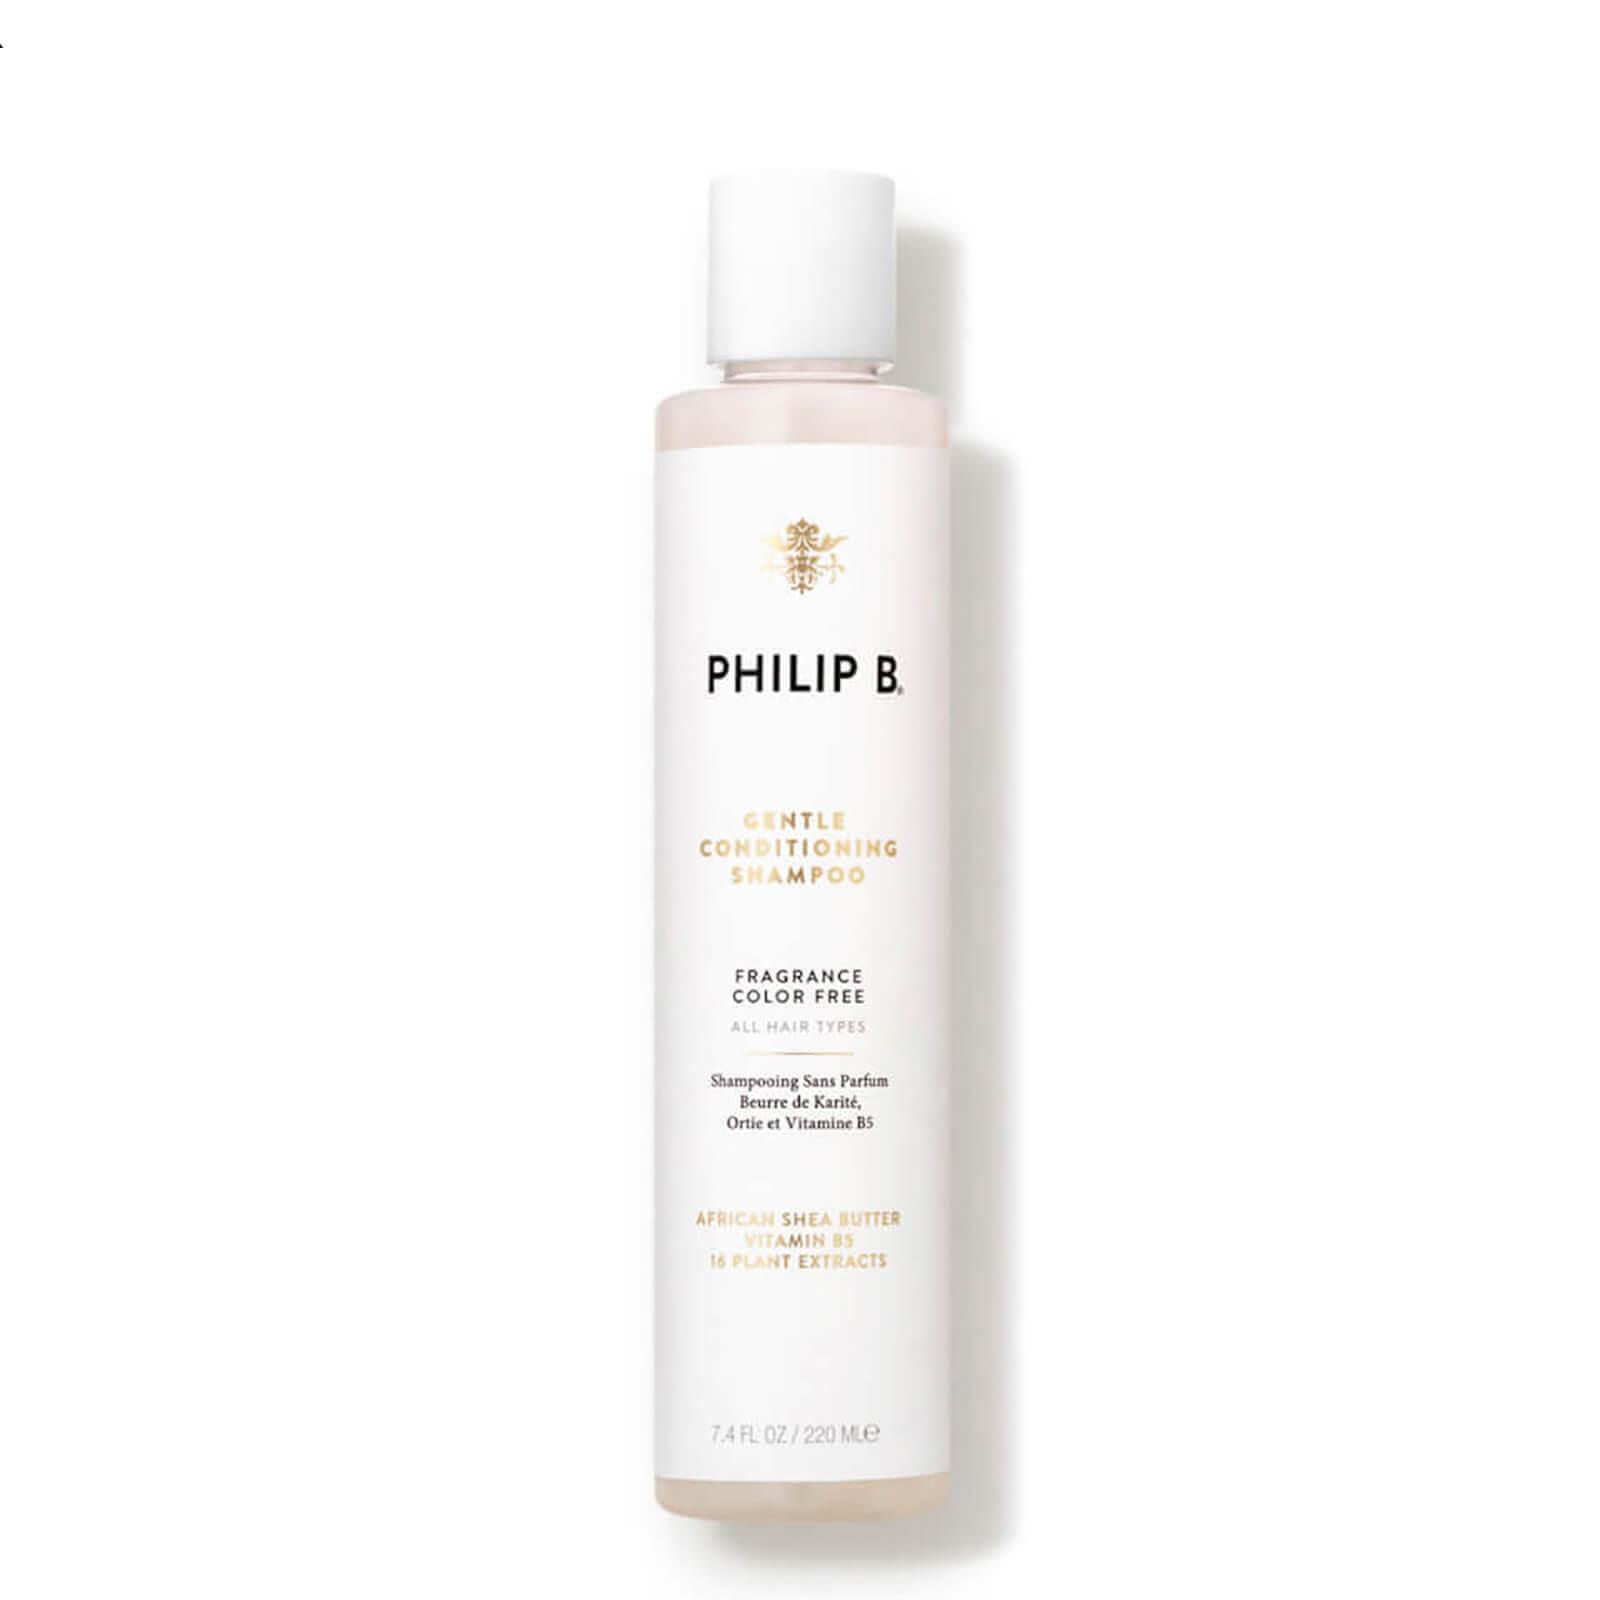 Купить Нежный шампунь-кондиционер с маслом африканского дерева ши Philip B African Shea Butter Gentle and Conditioning Shampoo (220мл)